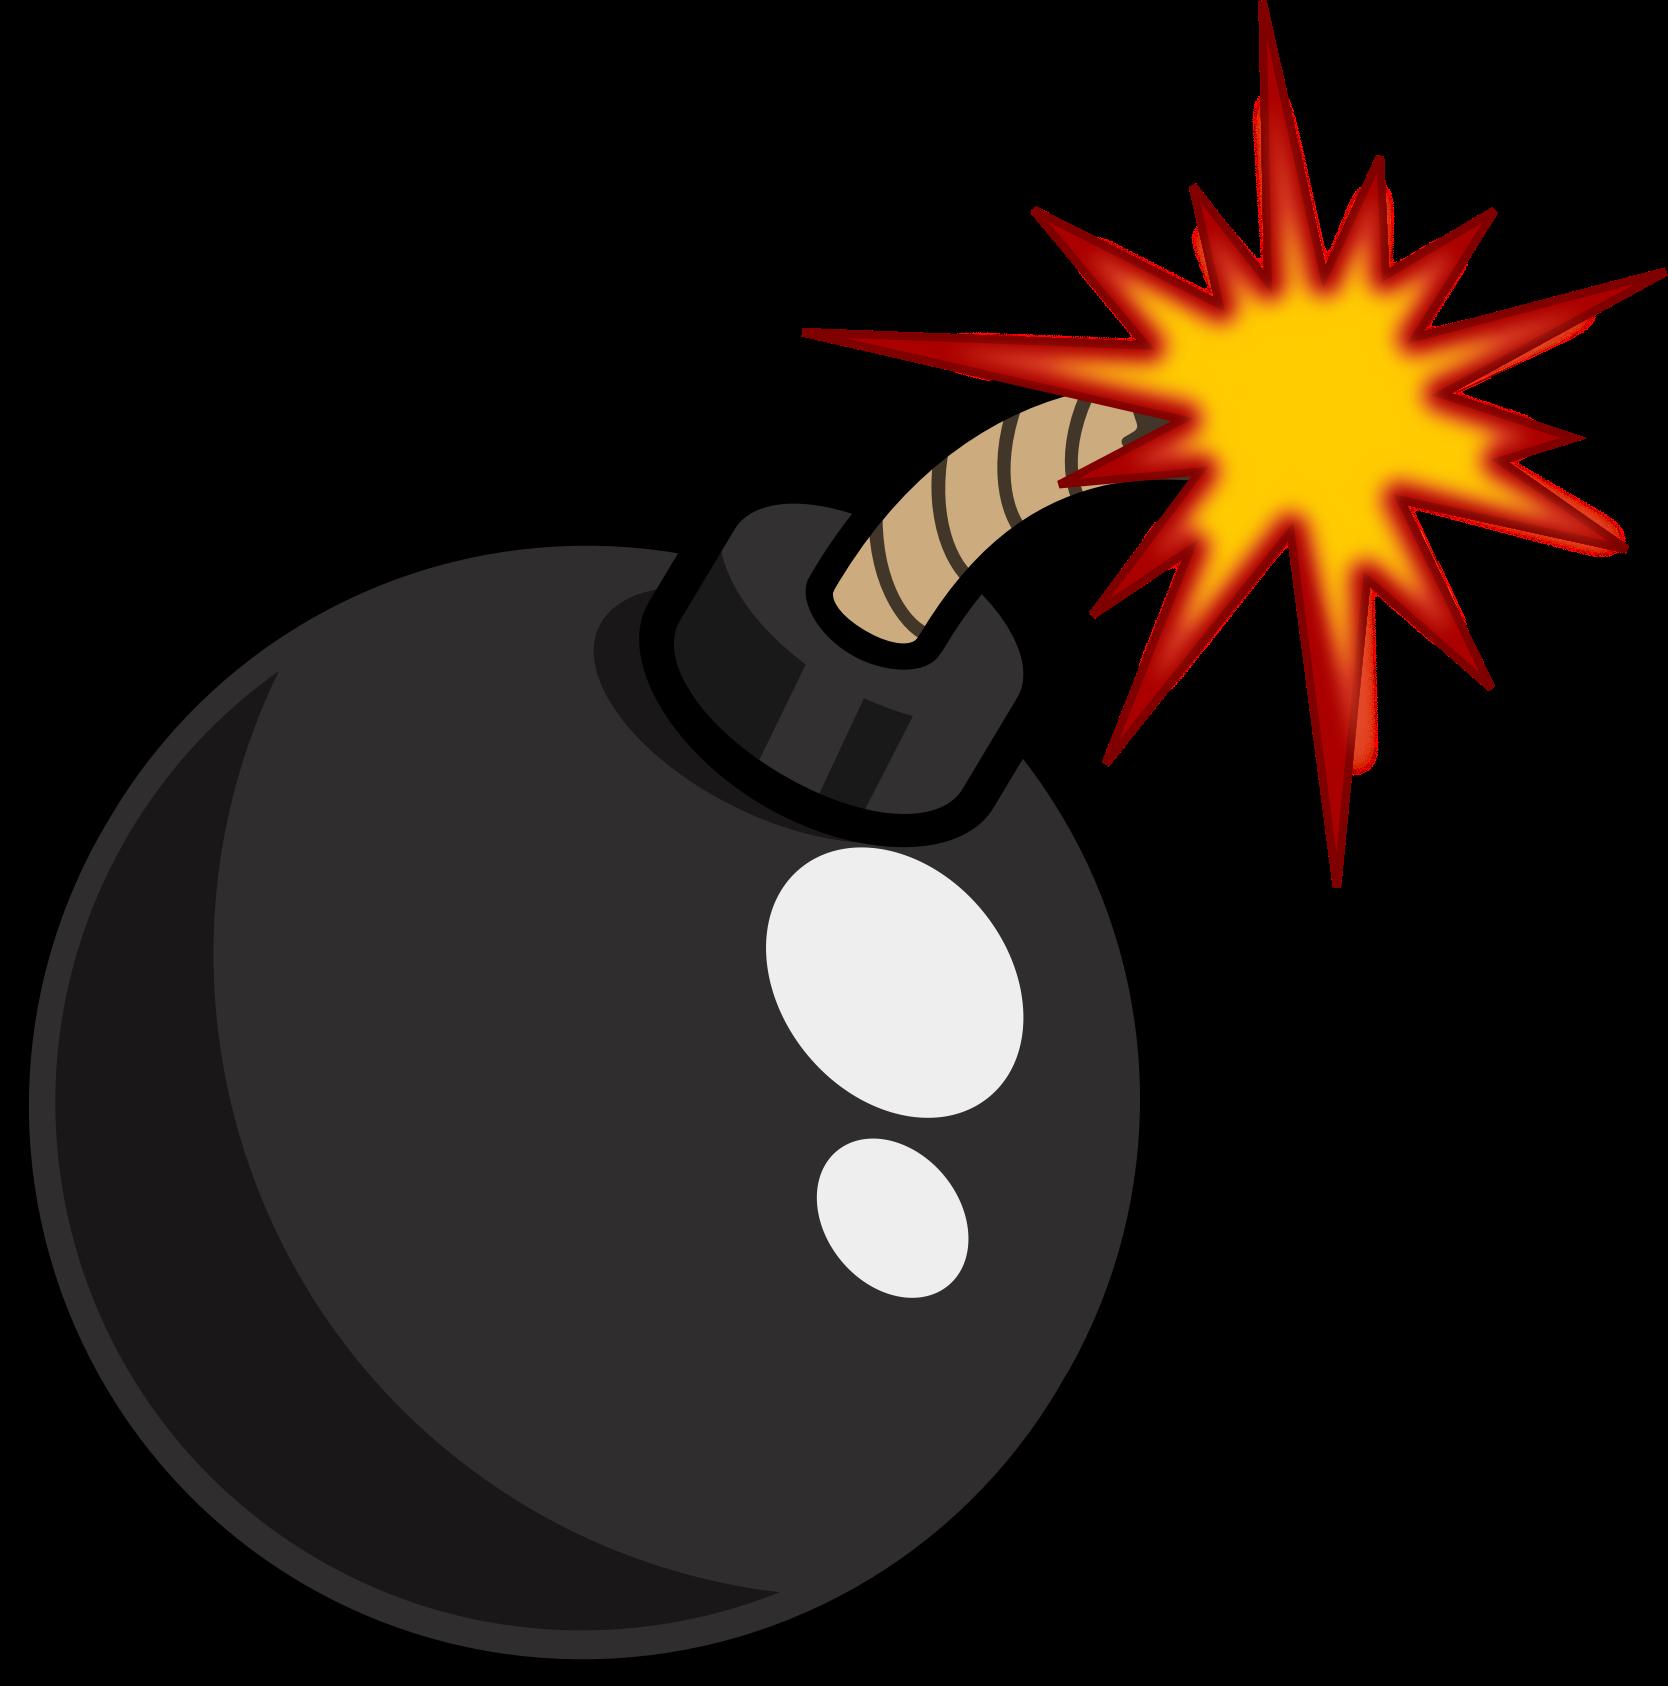 Hands clipart bomb. Cartoon clip art png